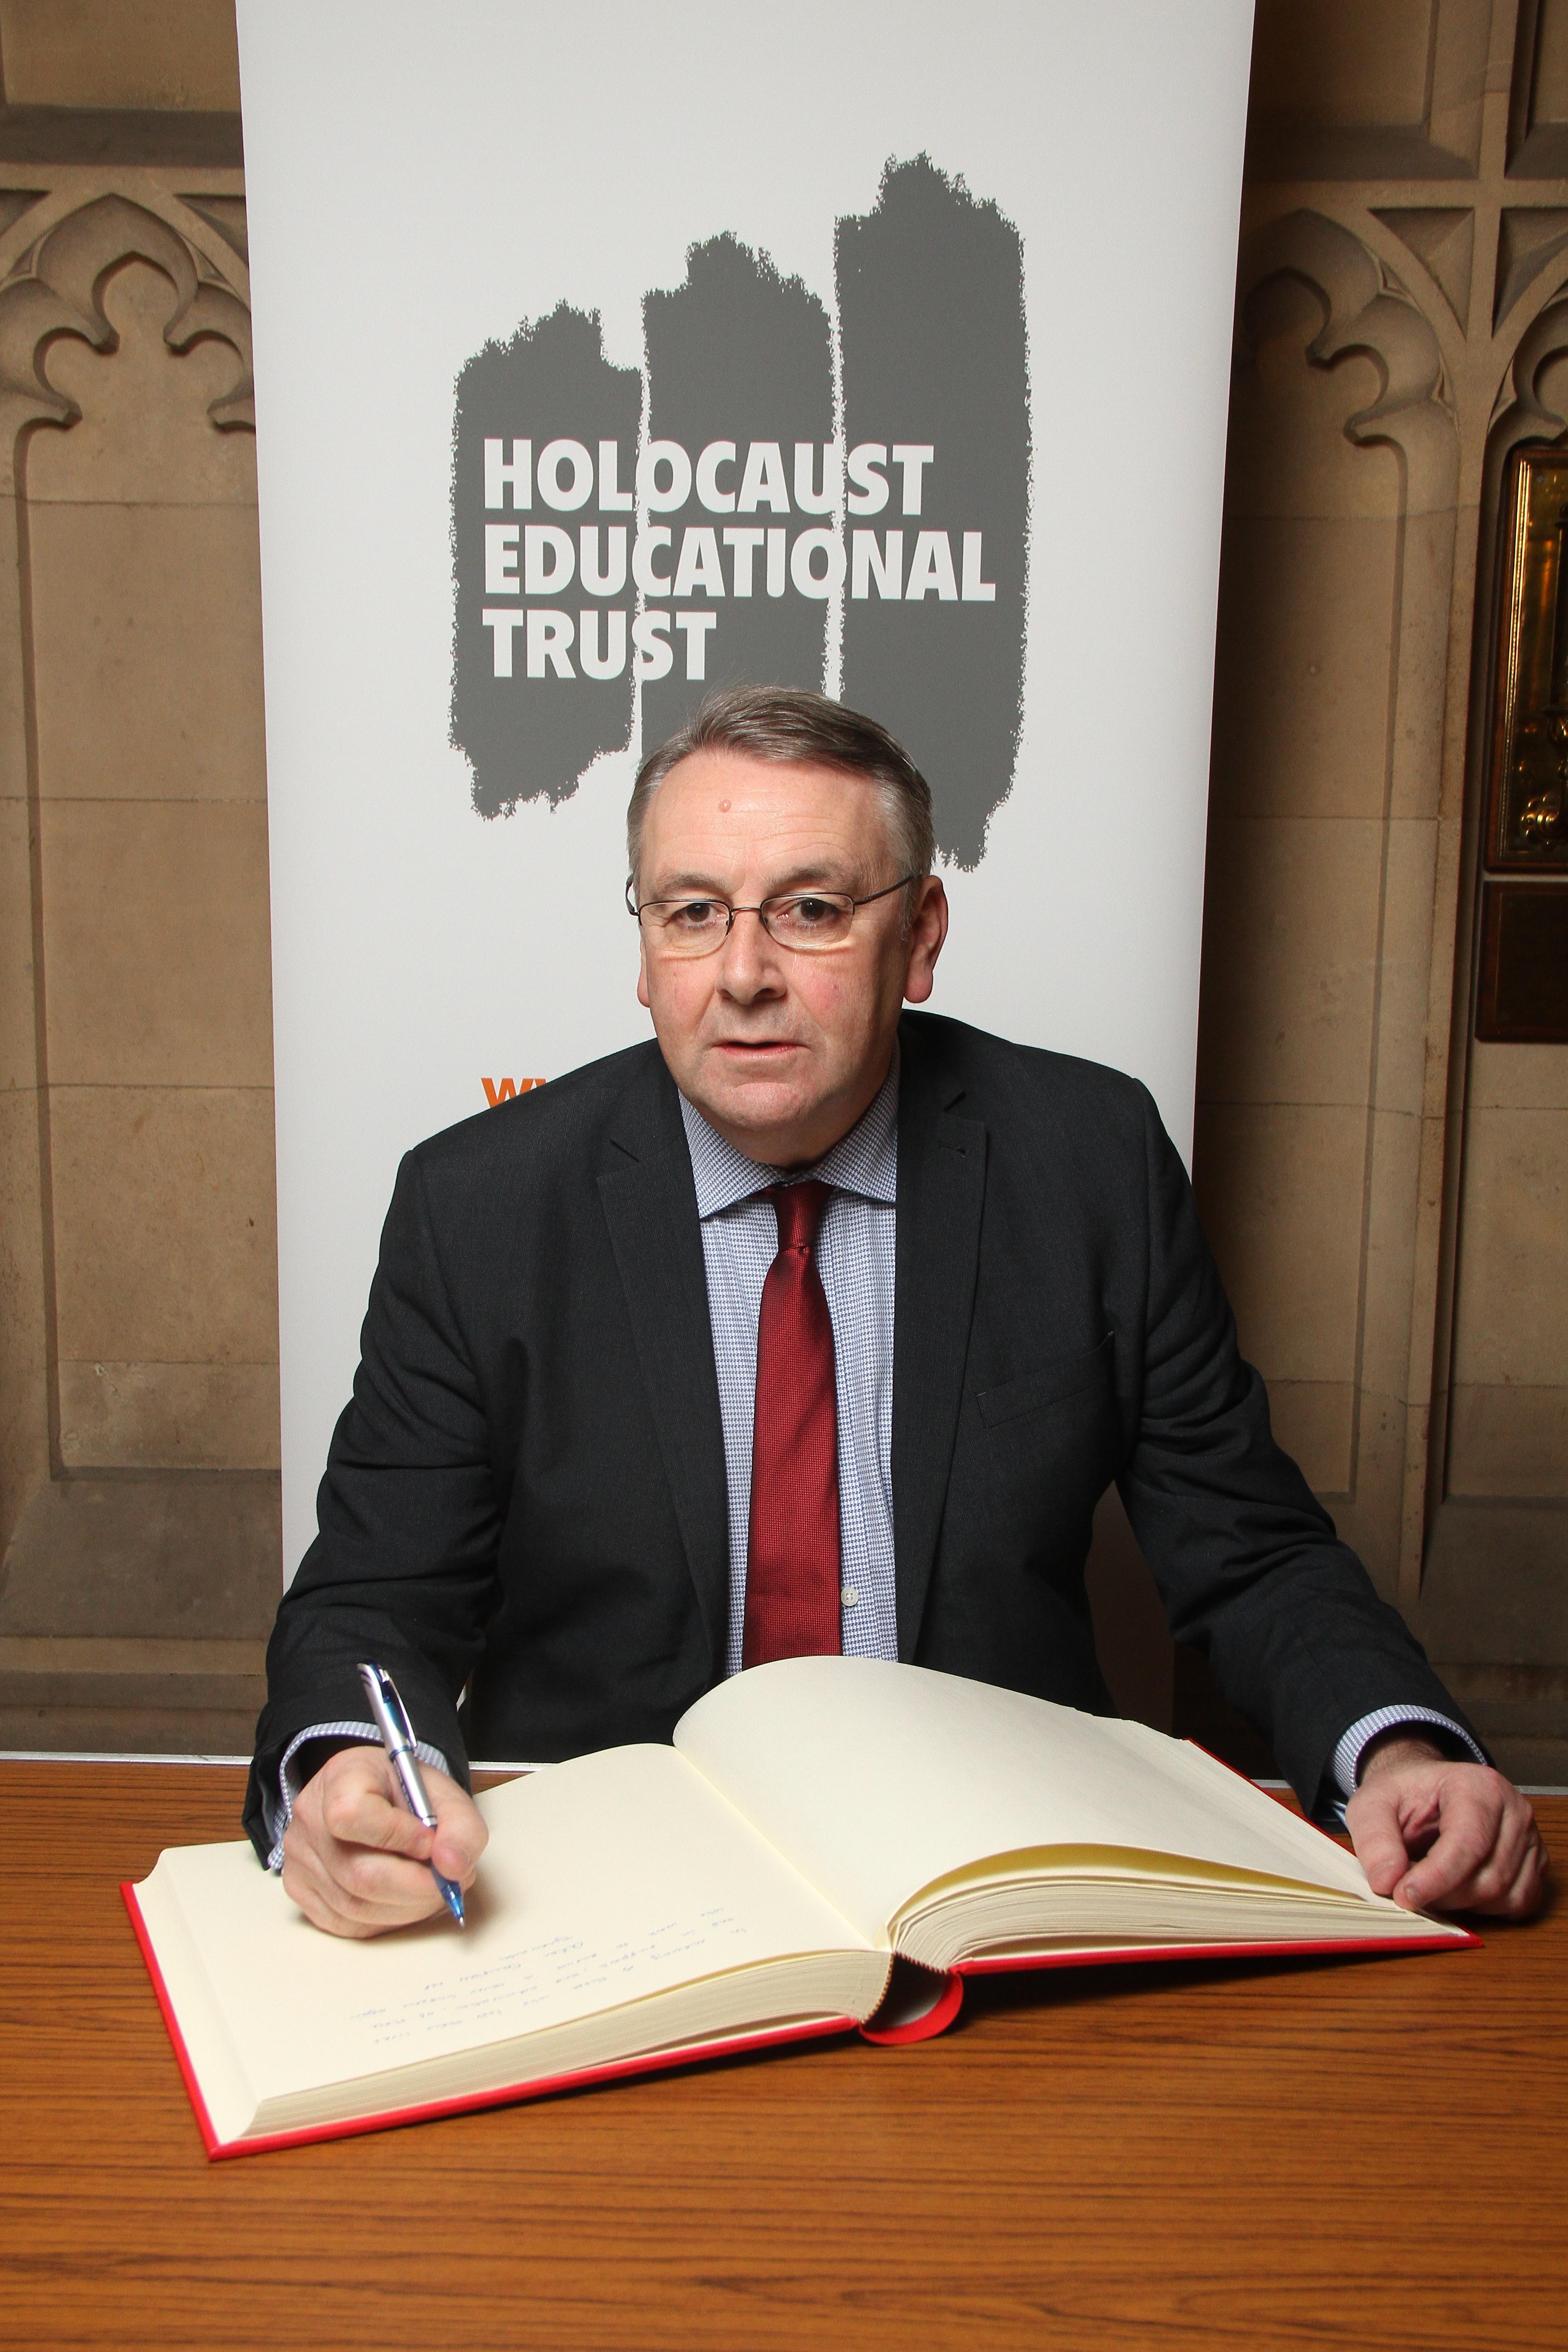 Alan_Holocaust_Memorial_Day_27_Jan.jpg